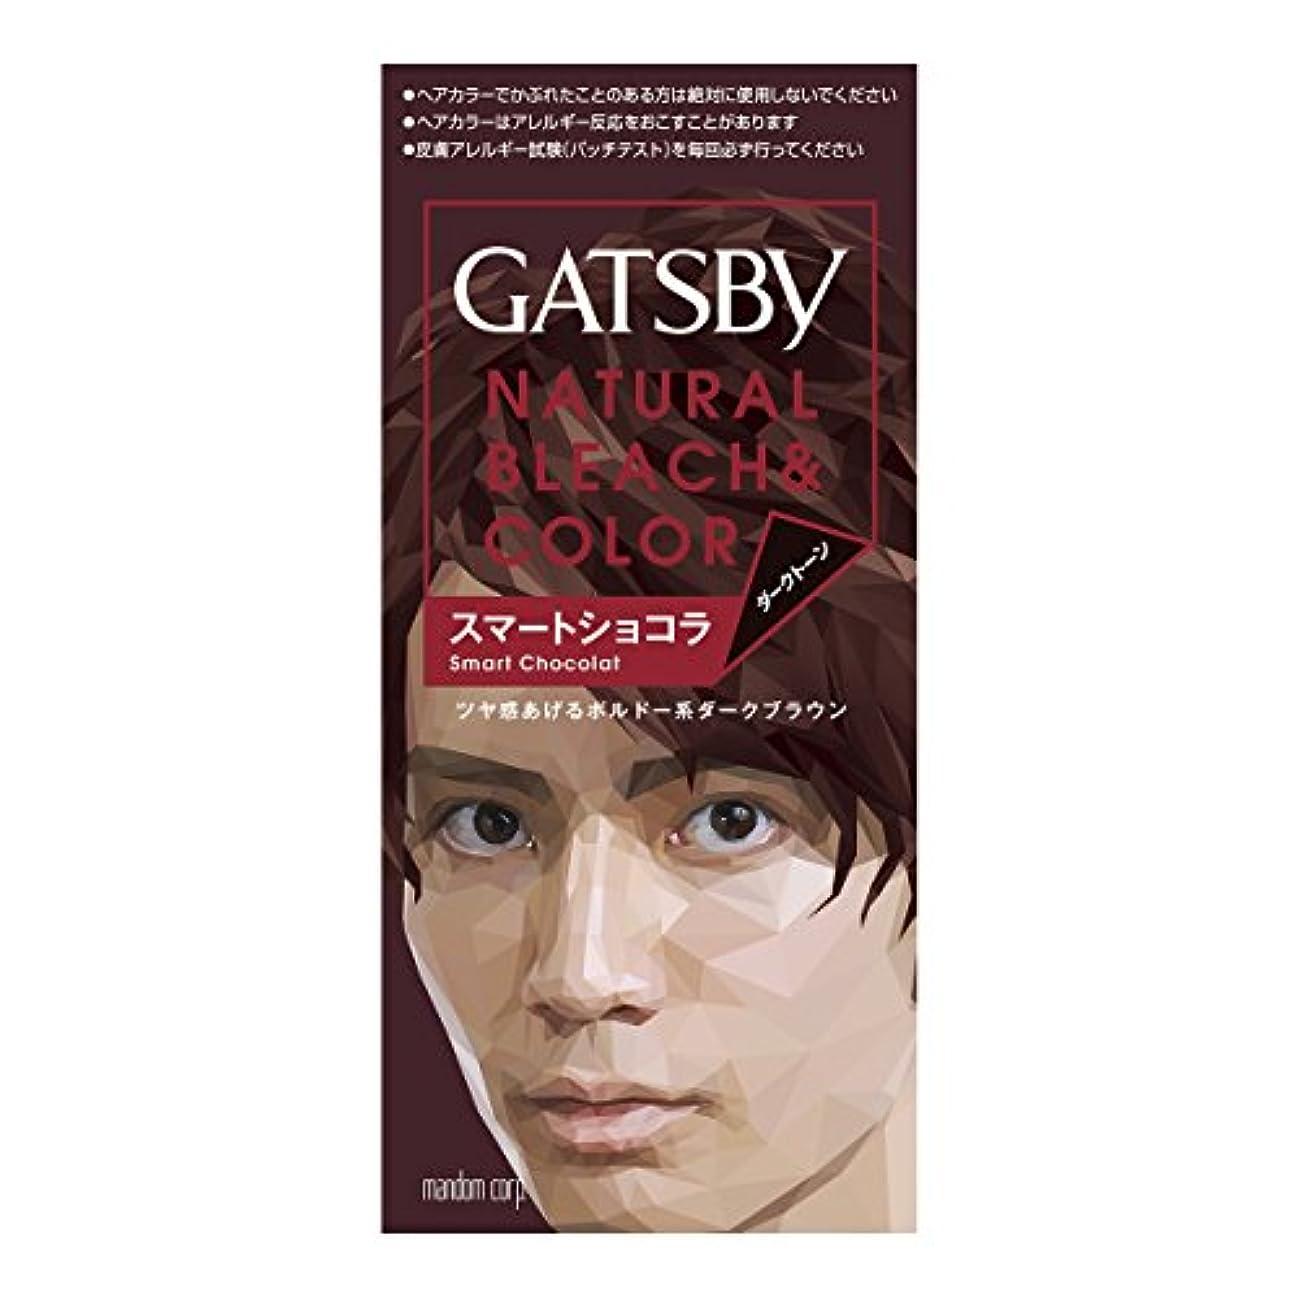 故国優雅な艶ギャツビー ナチュラルブリーチカラー スマートショコラ 35g+70mL (医薬部外品)